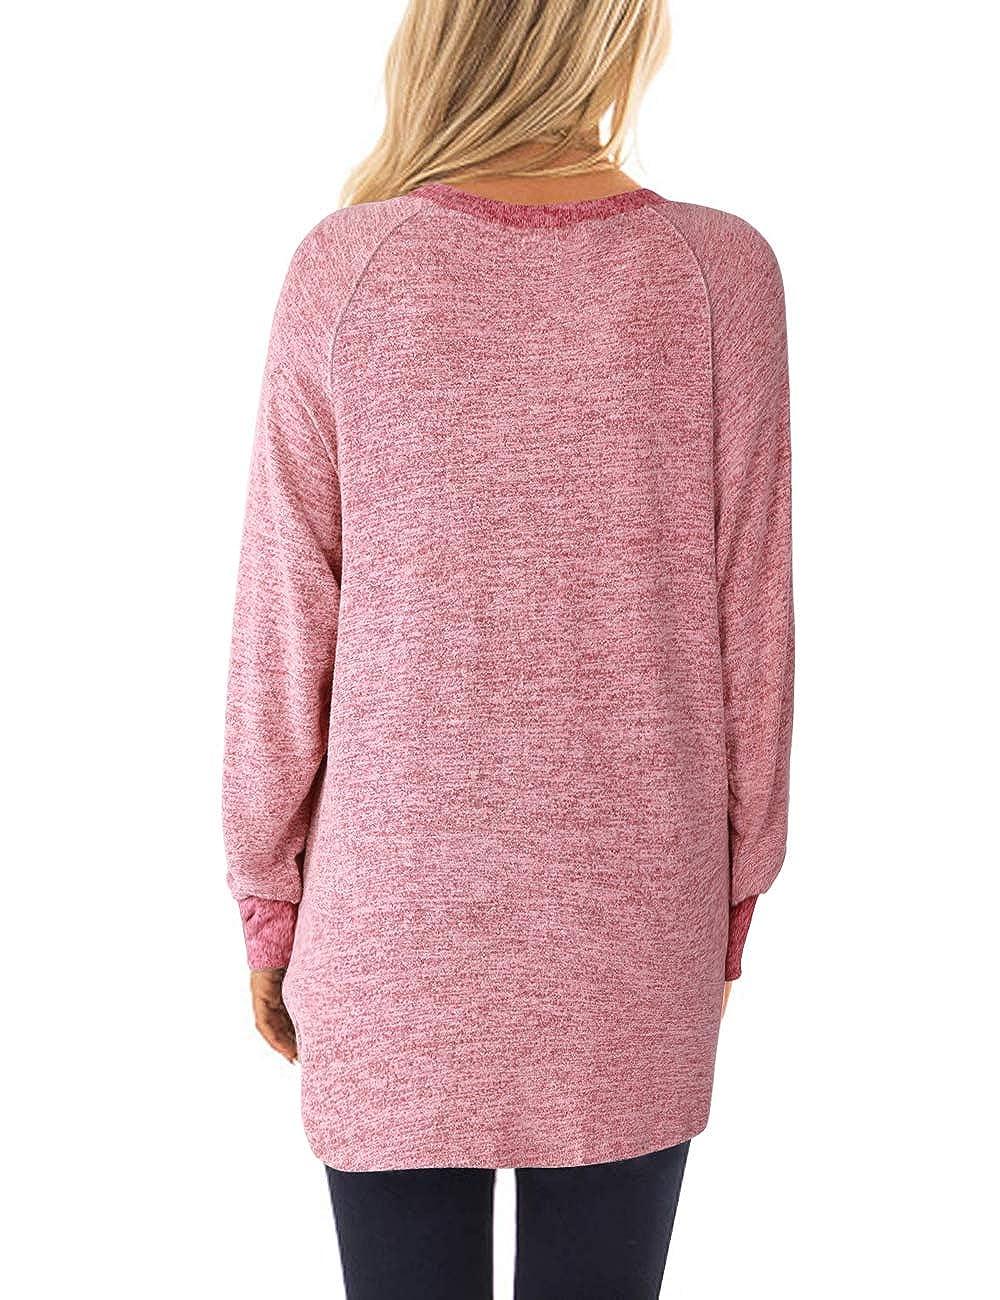 Maglia da donna in cotone leggera DJT Fashion a blocchi di colore